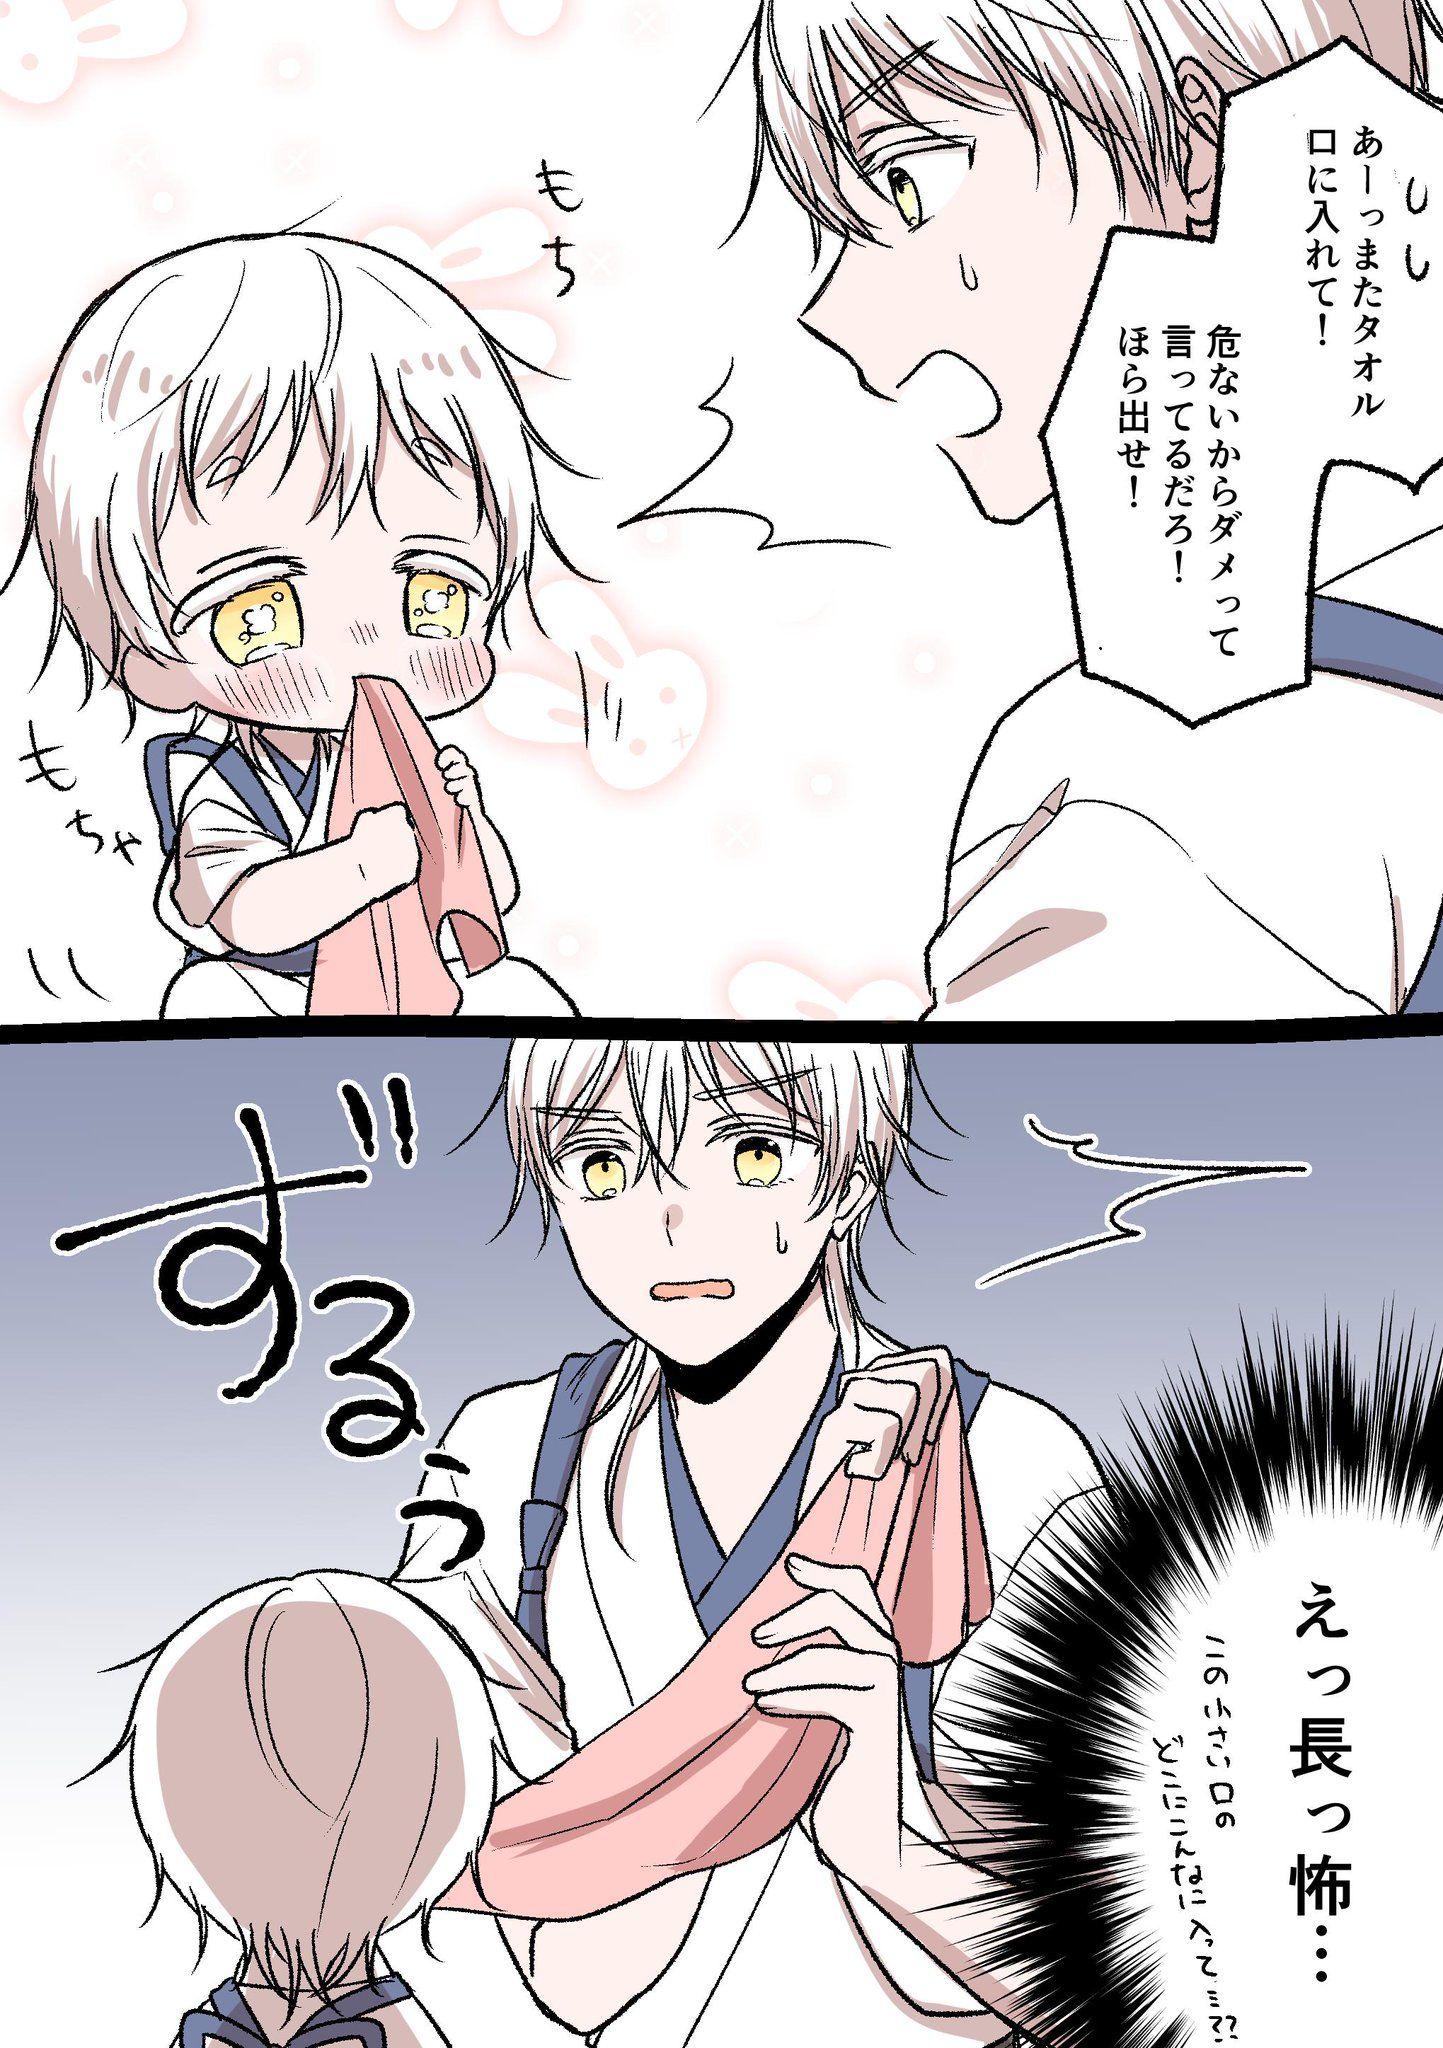 ゲイ 漫画 冷徹 シリアス